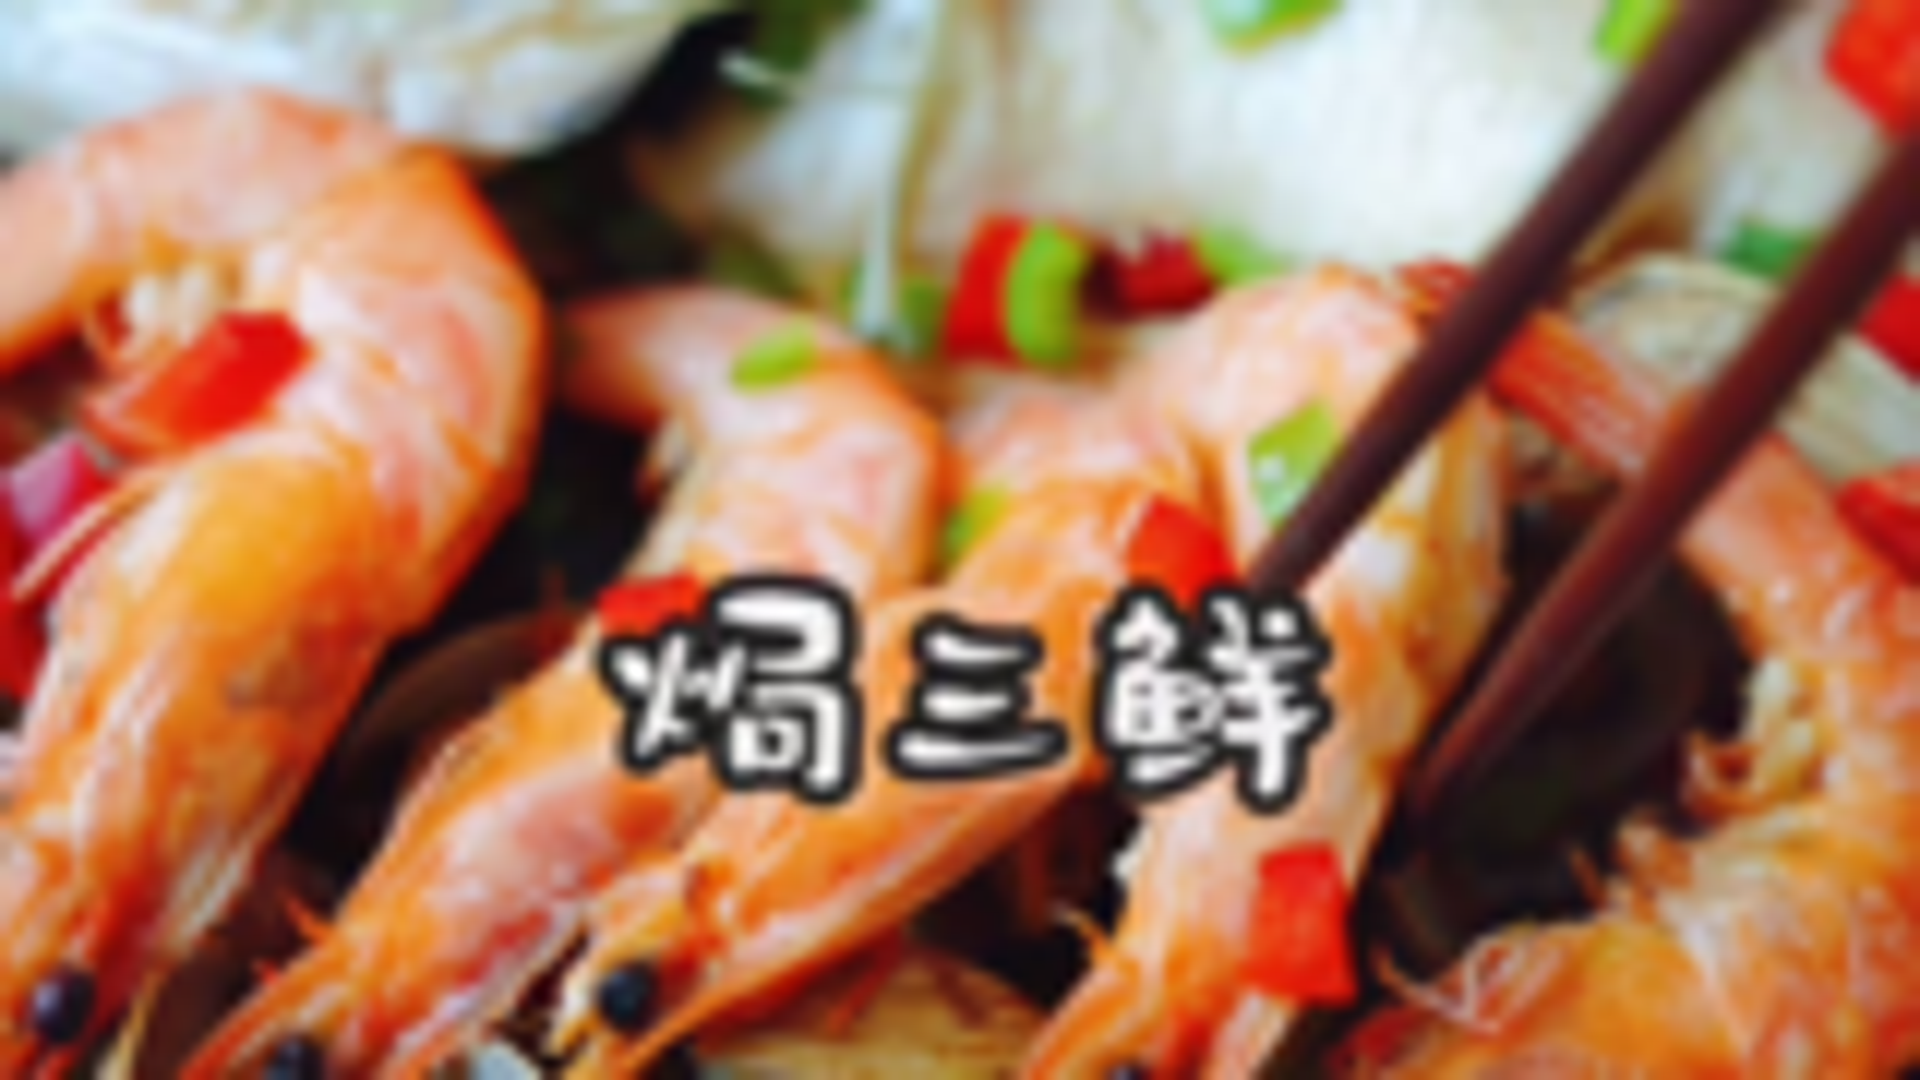 还原海鲜本味!焖出来的海鲜才是正确打开方式